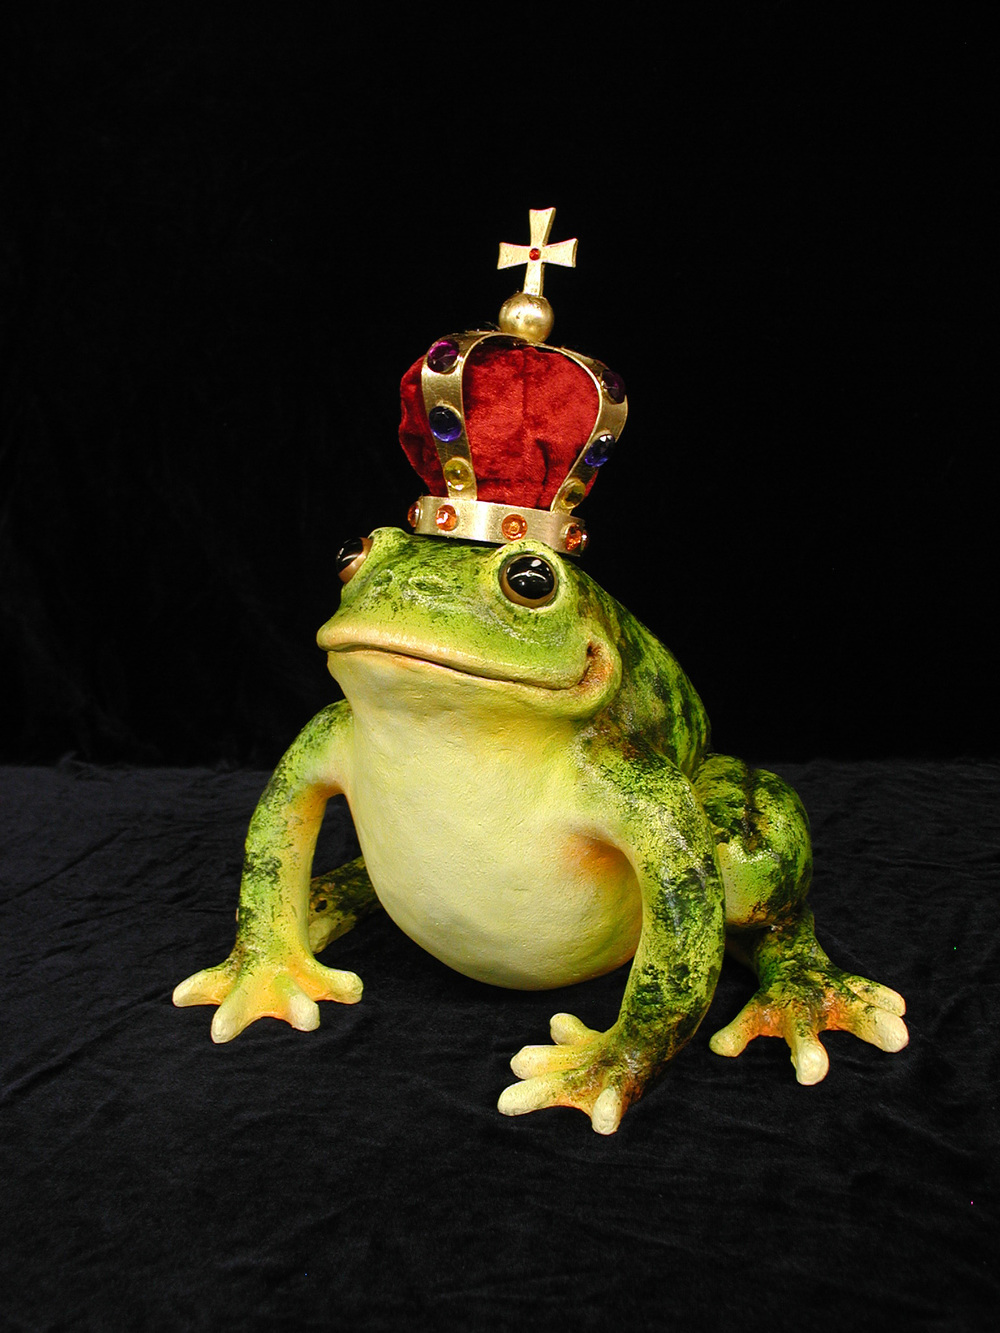 Frog:  Ribbit